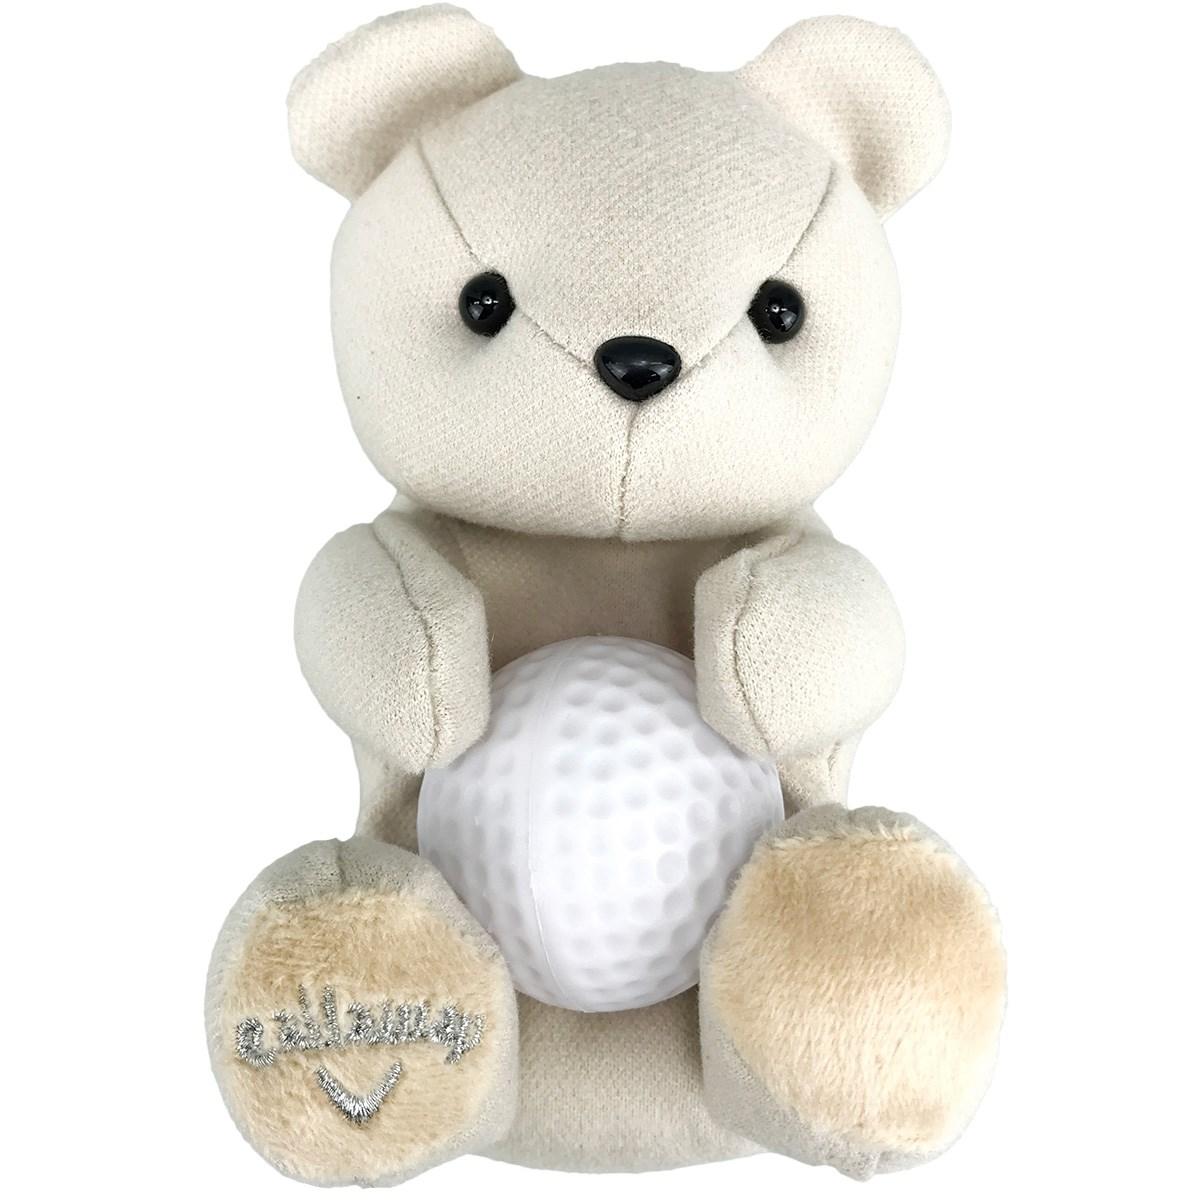 キャロウェイゴルフ(Callaway Golf) ベアボールポーチ